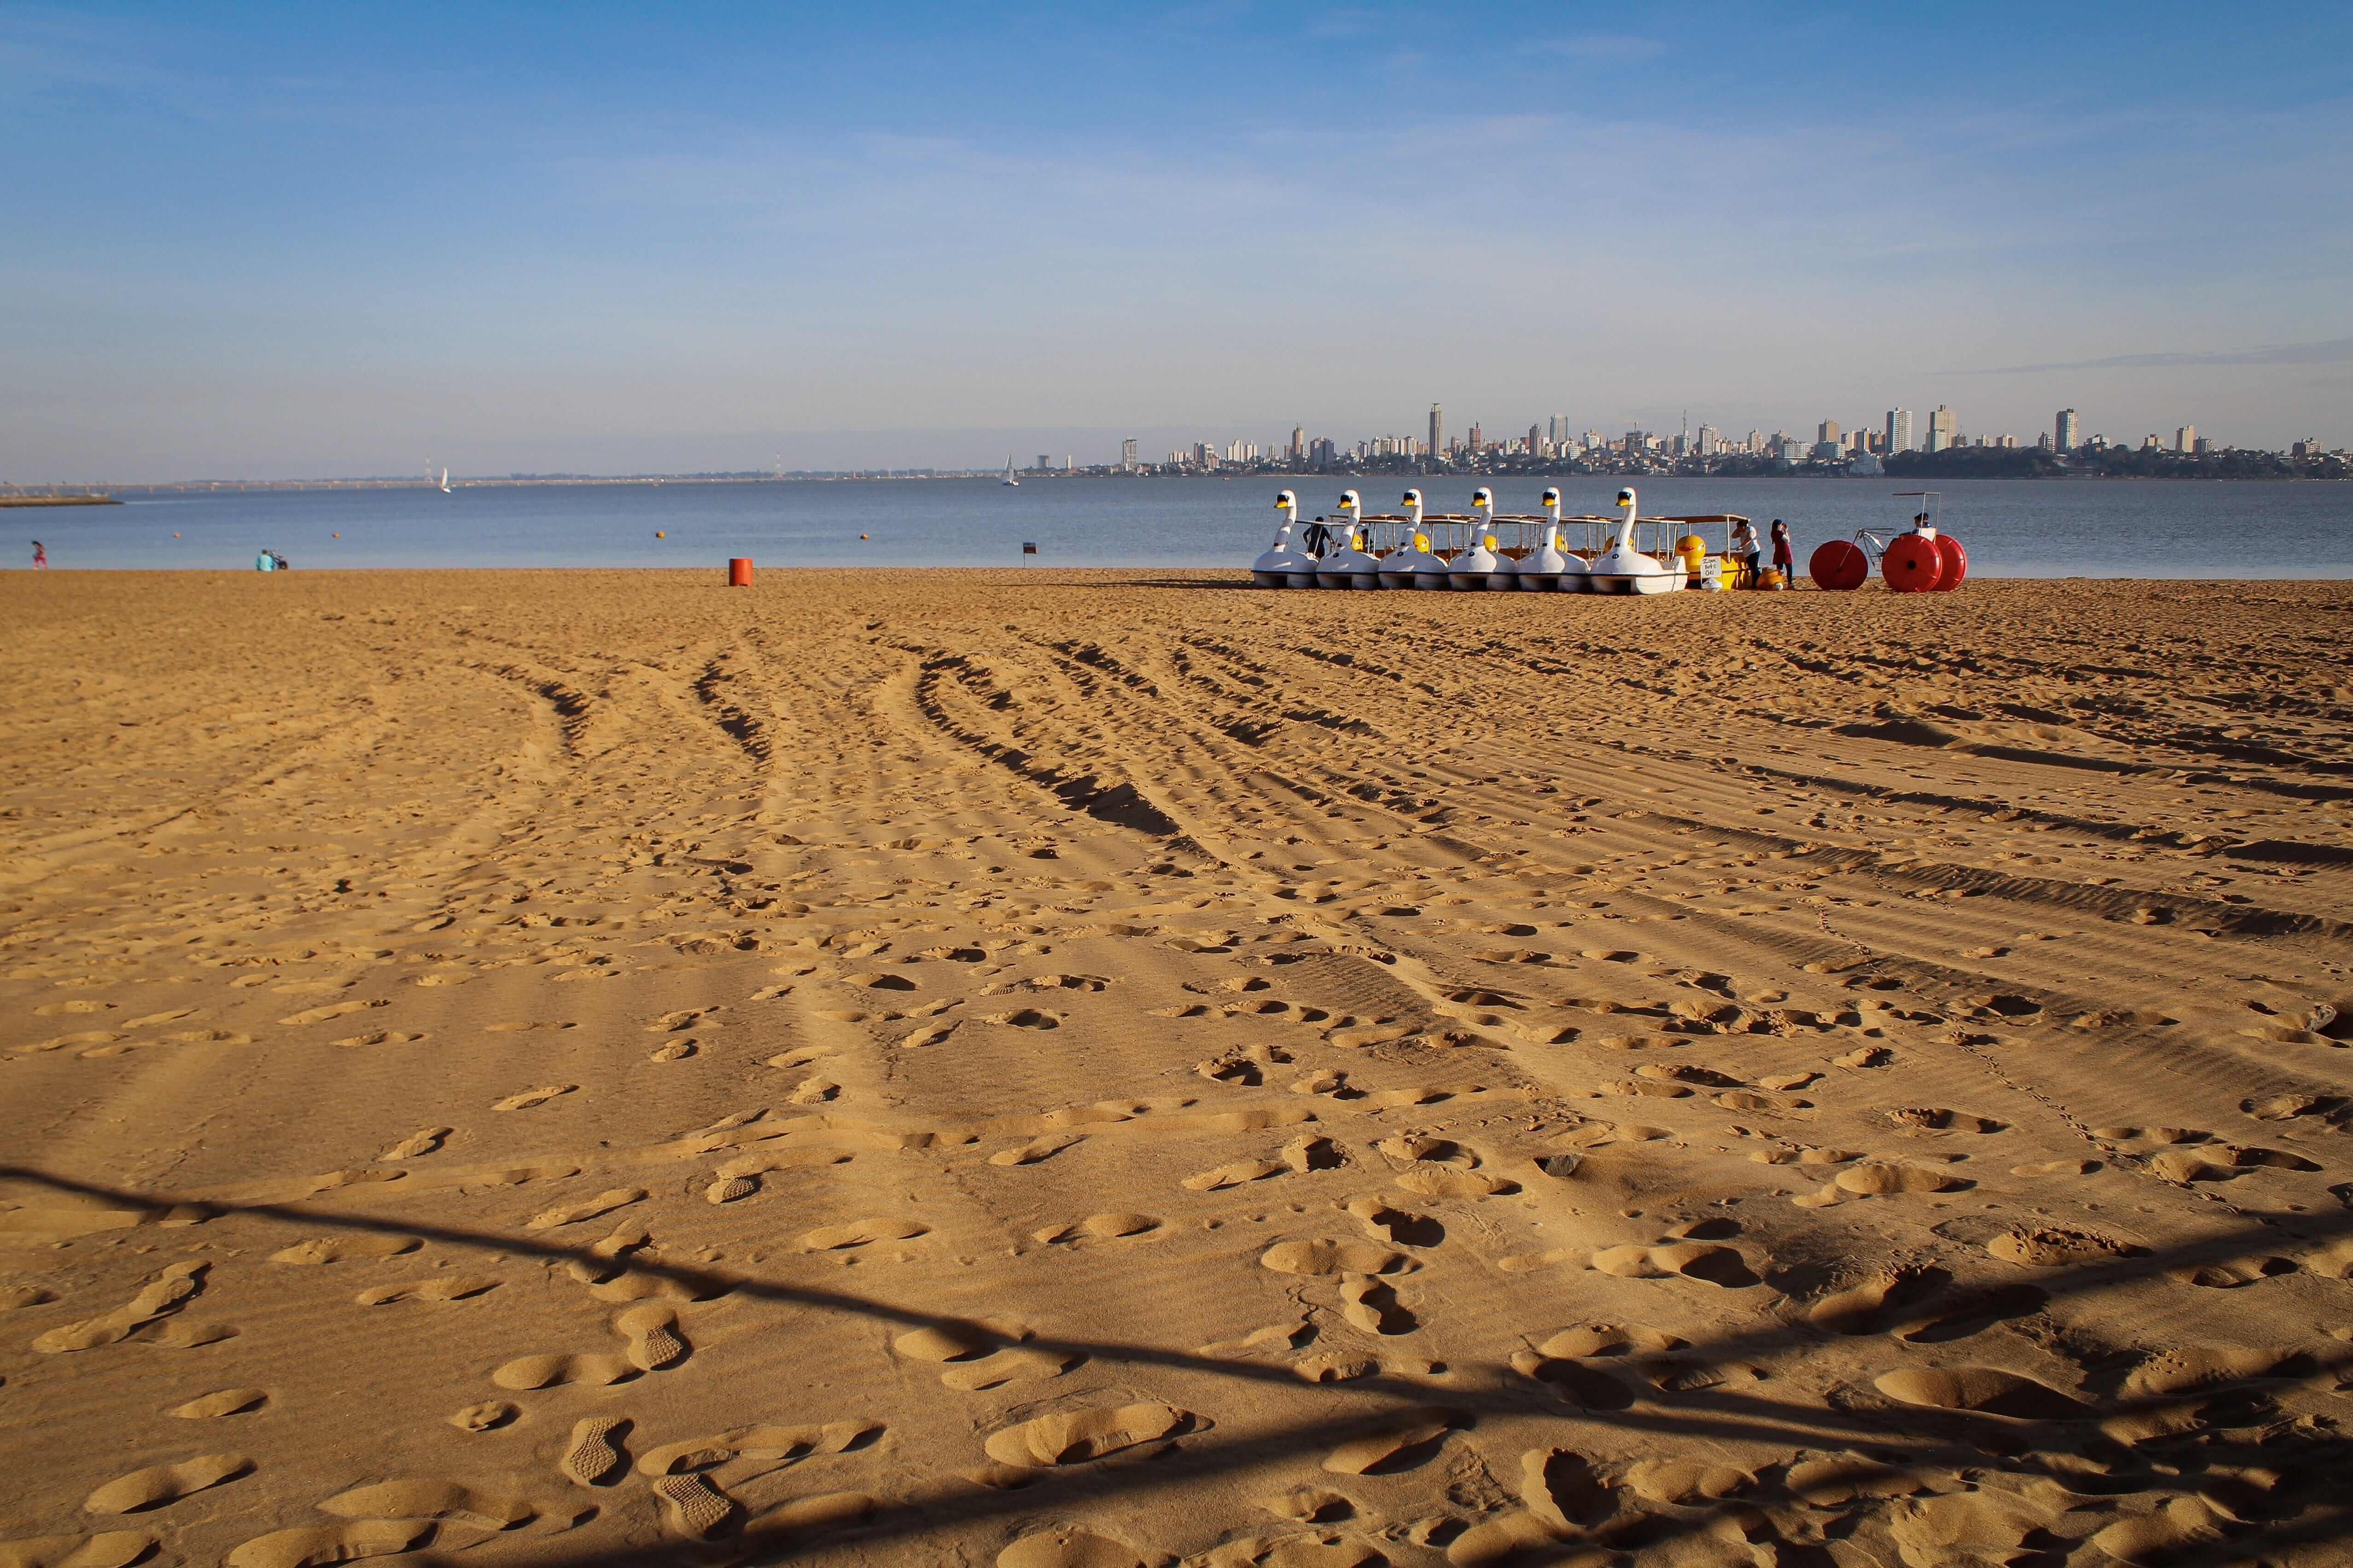 Playa San Jose